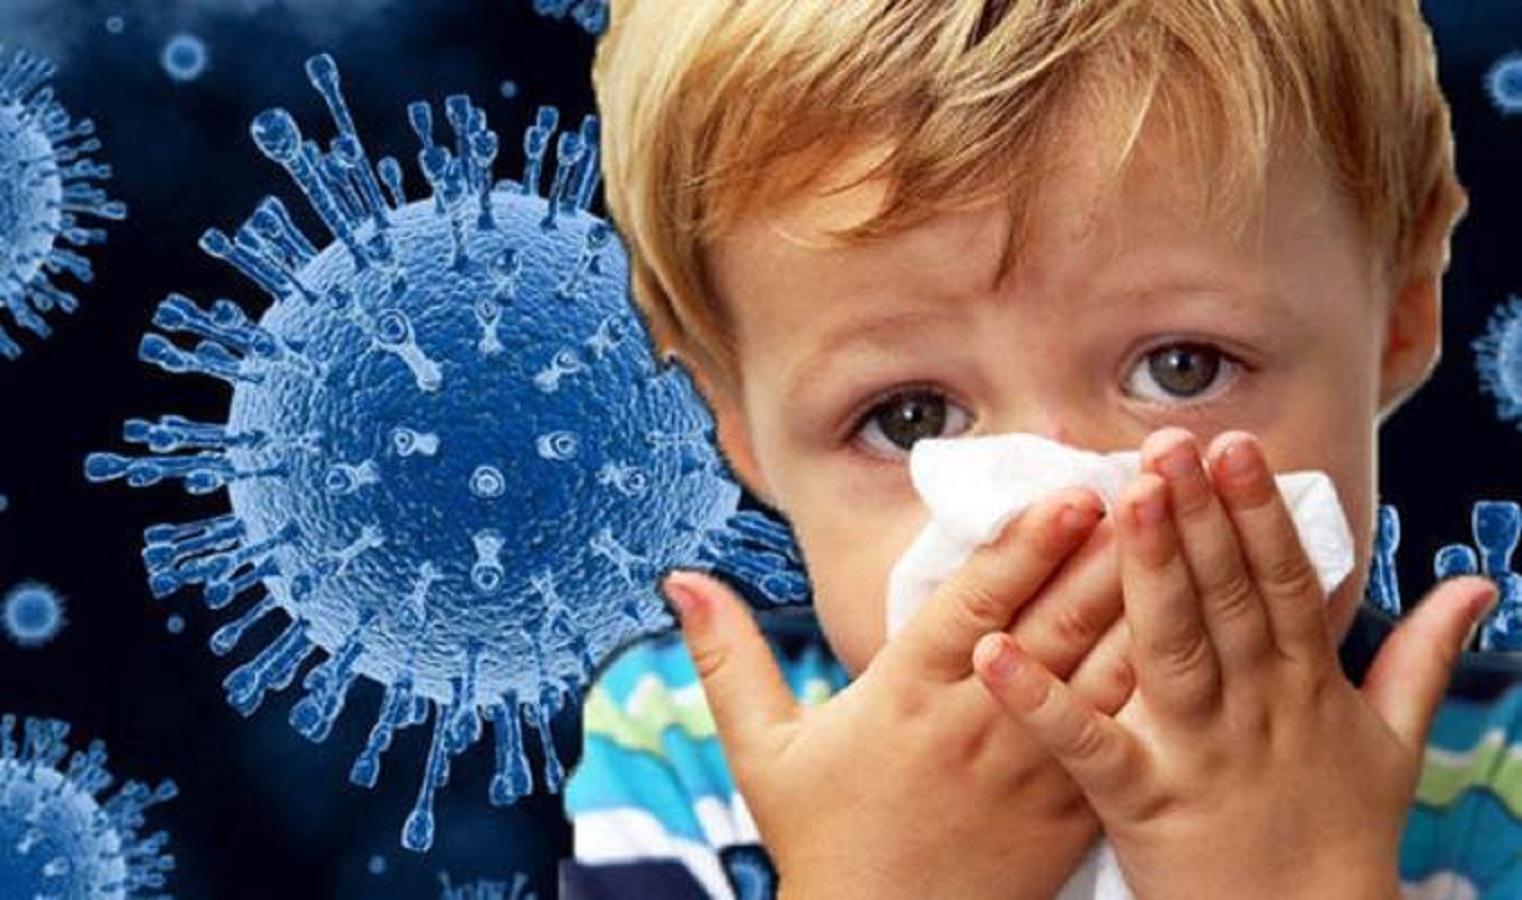 کودکان هم در برابر ویروس کرونا آسیبپذیر هستند؟